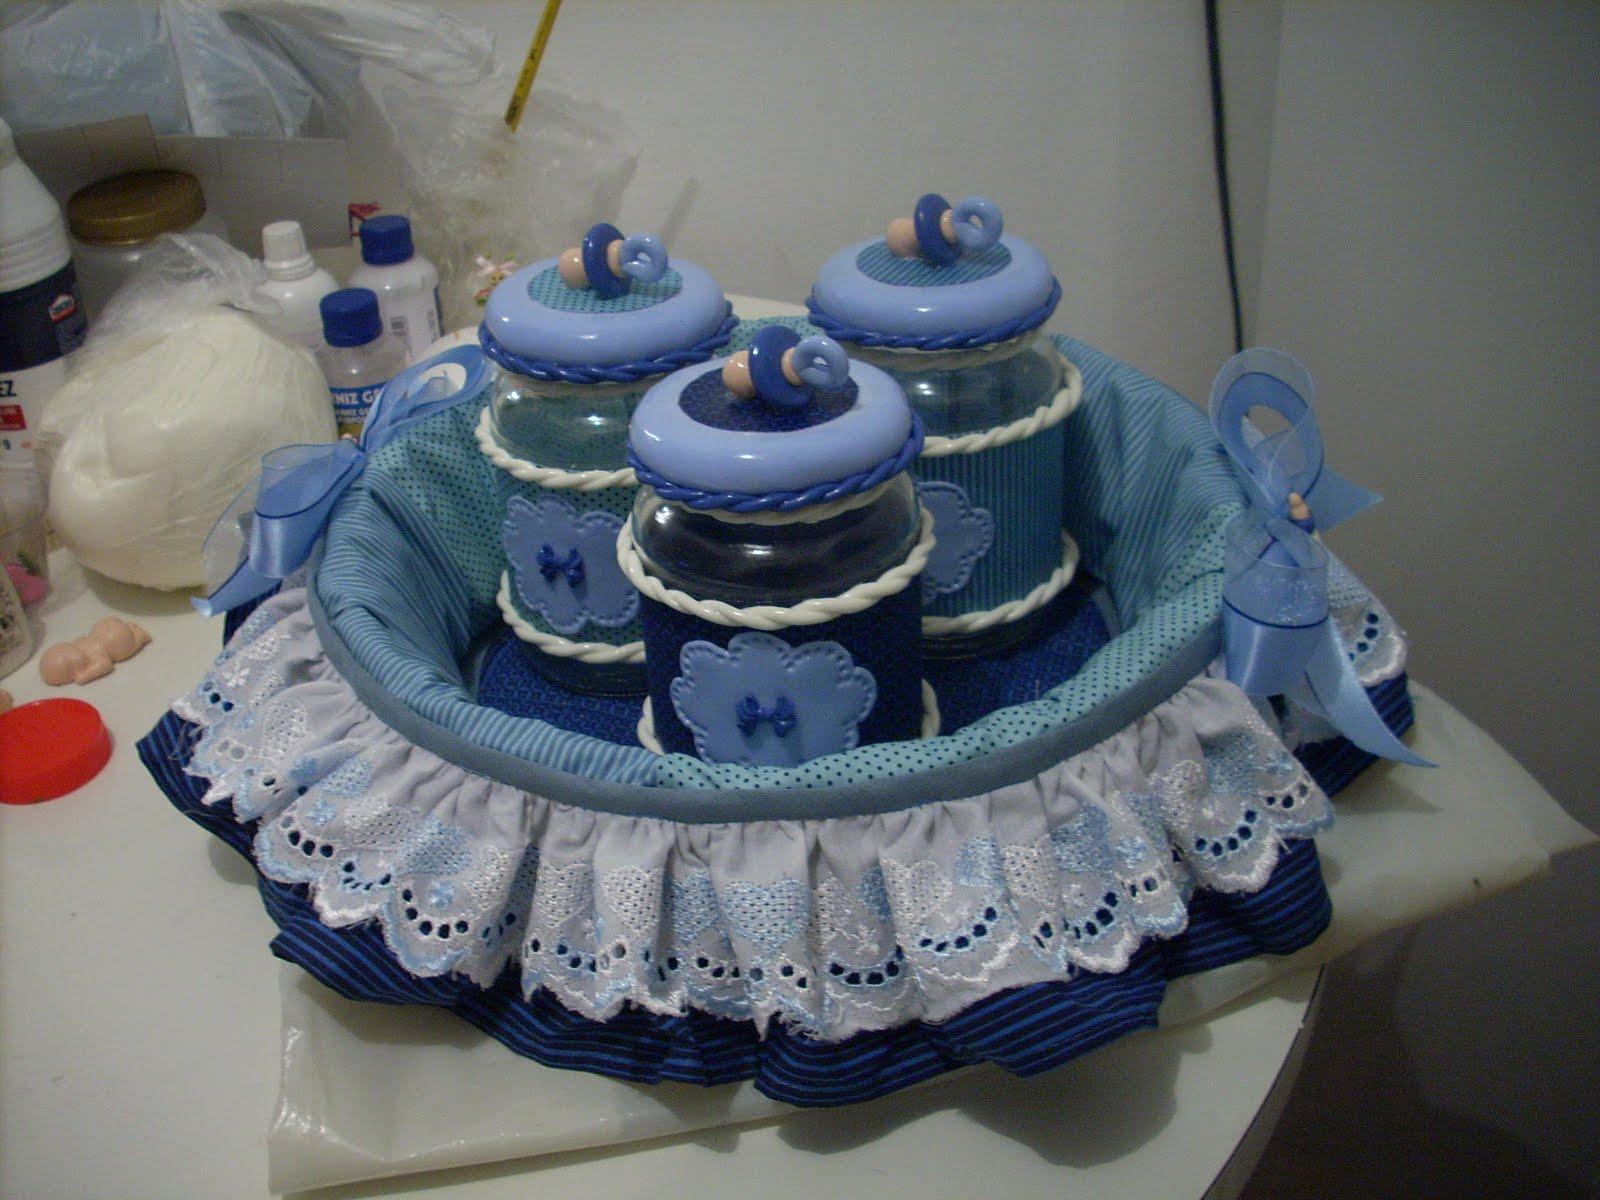 Nessa pesquisa que fiz, vi muitas cestas como estas a partir de R$ 30